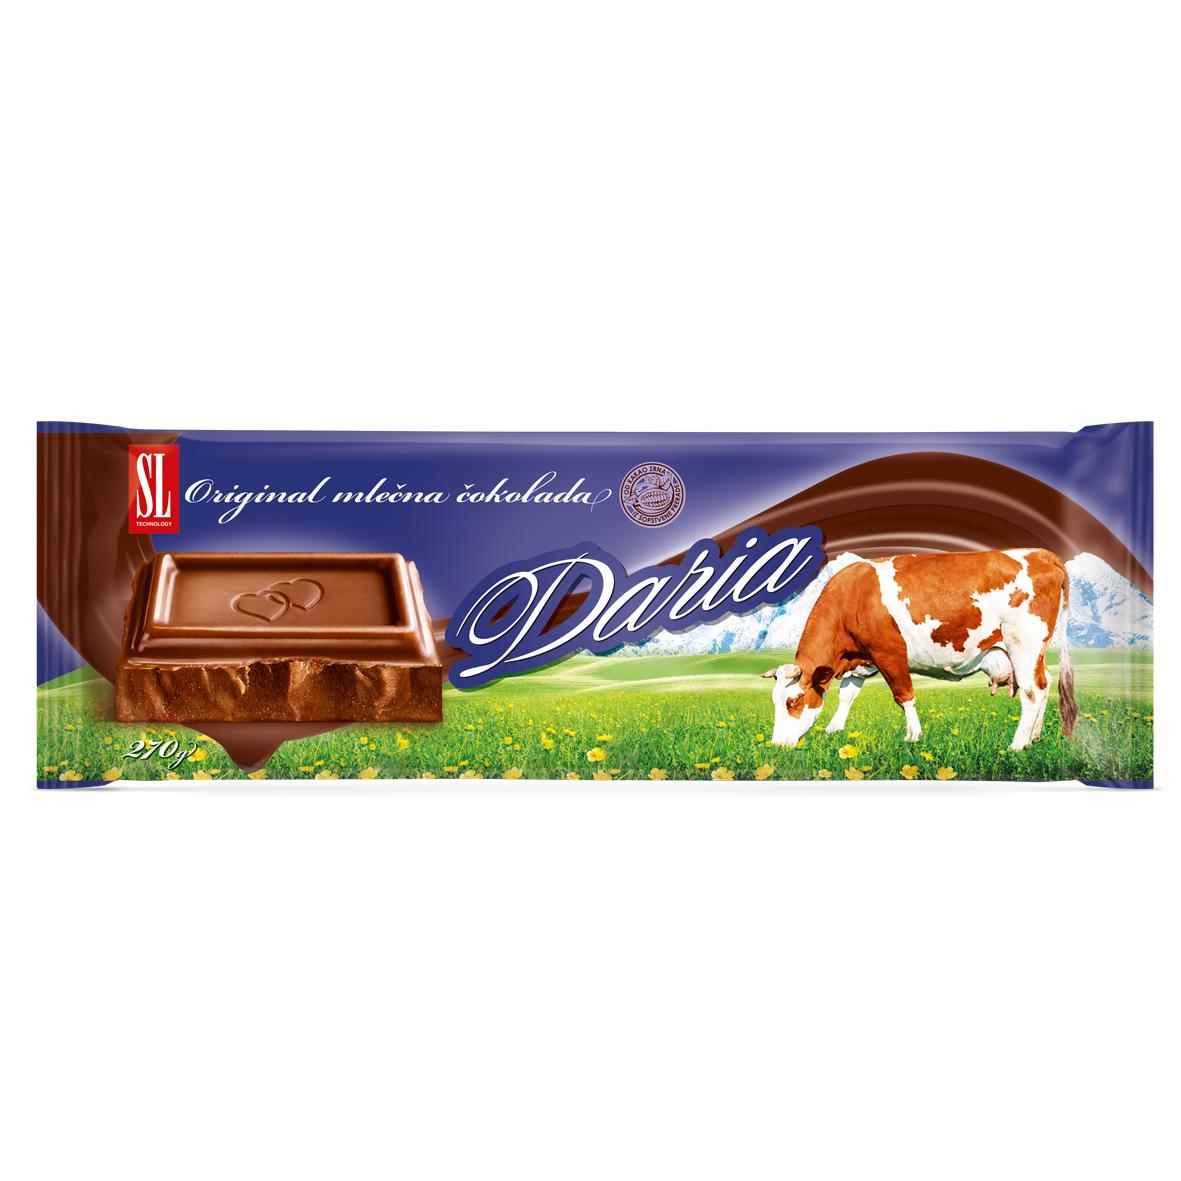 Daria mlečna čokolada, 270g | Swisslion-Takovo